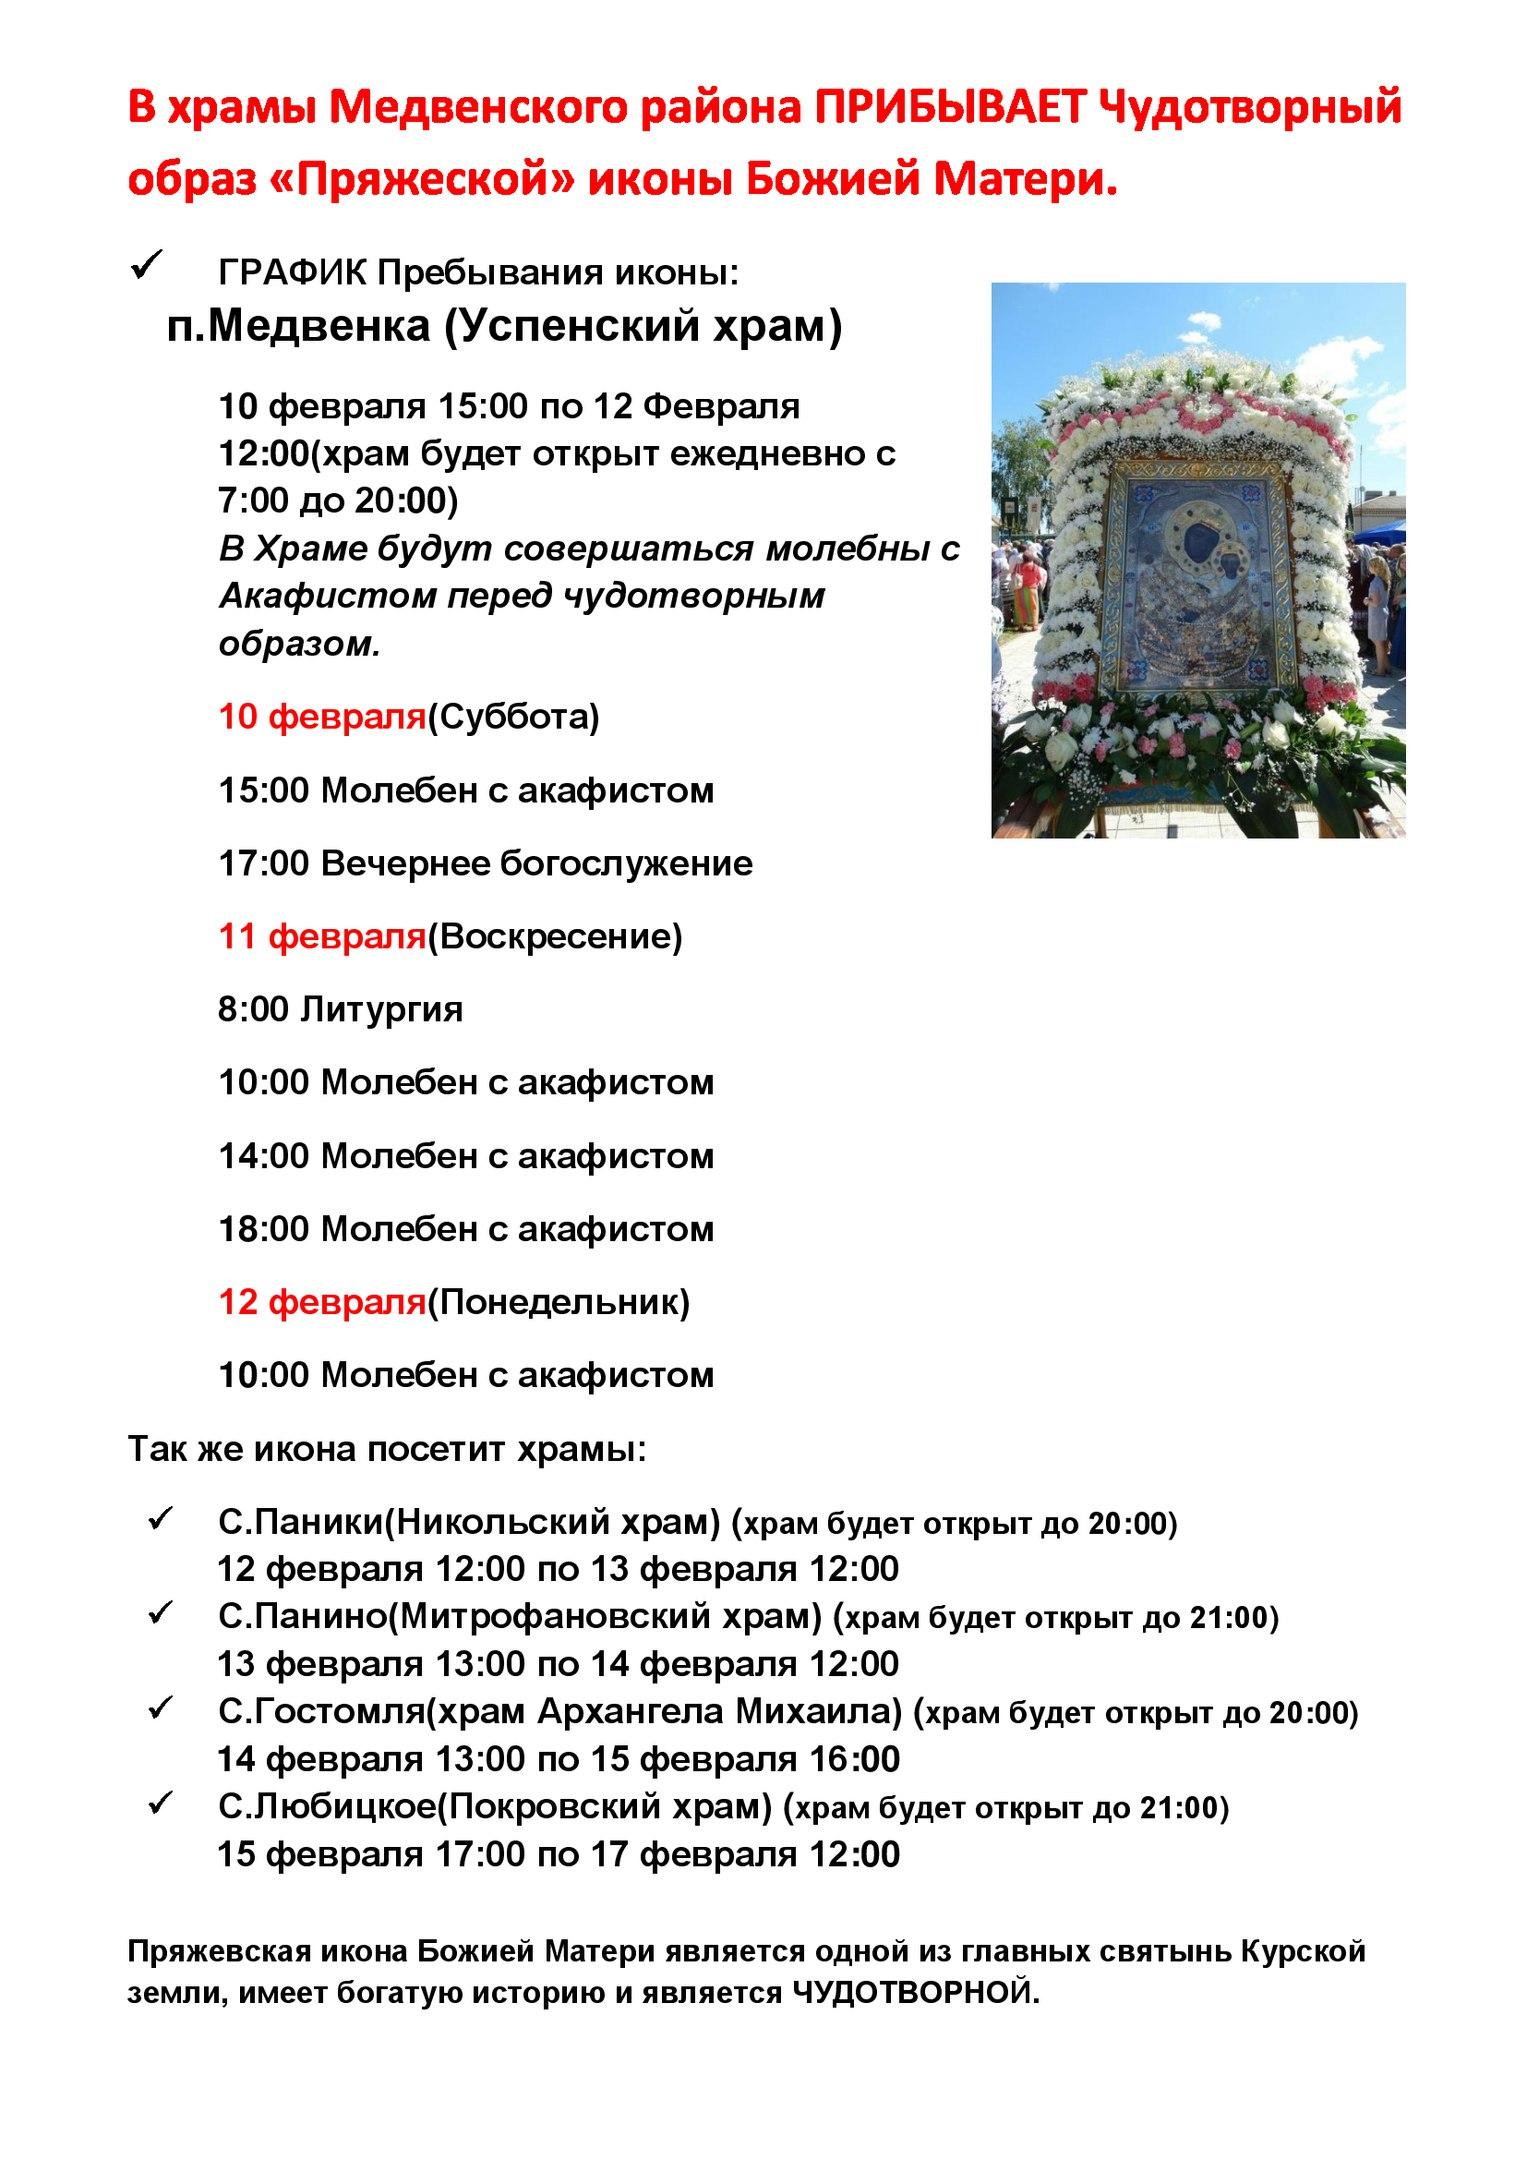 В храмы Медвенского района ПРИБЫВАЕТ Чудотворный образ «Пряжеской» иконы Божией Матери.